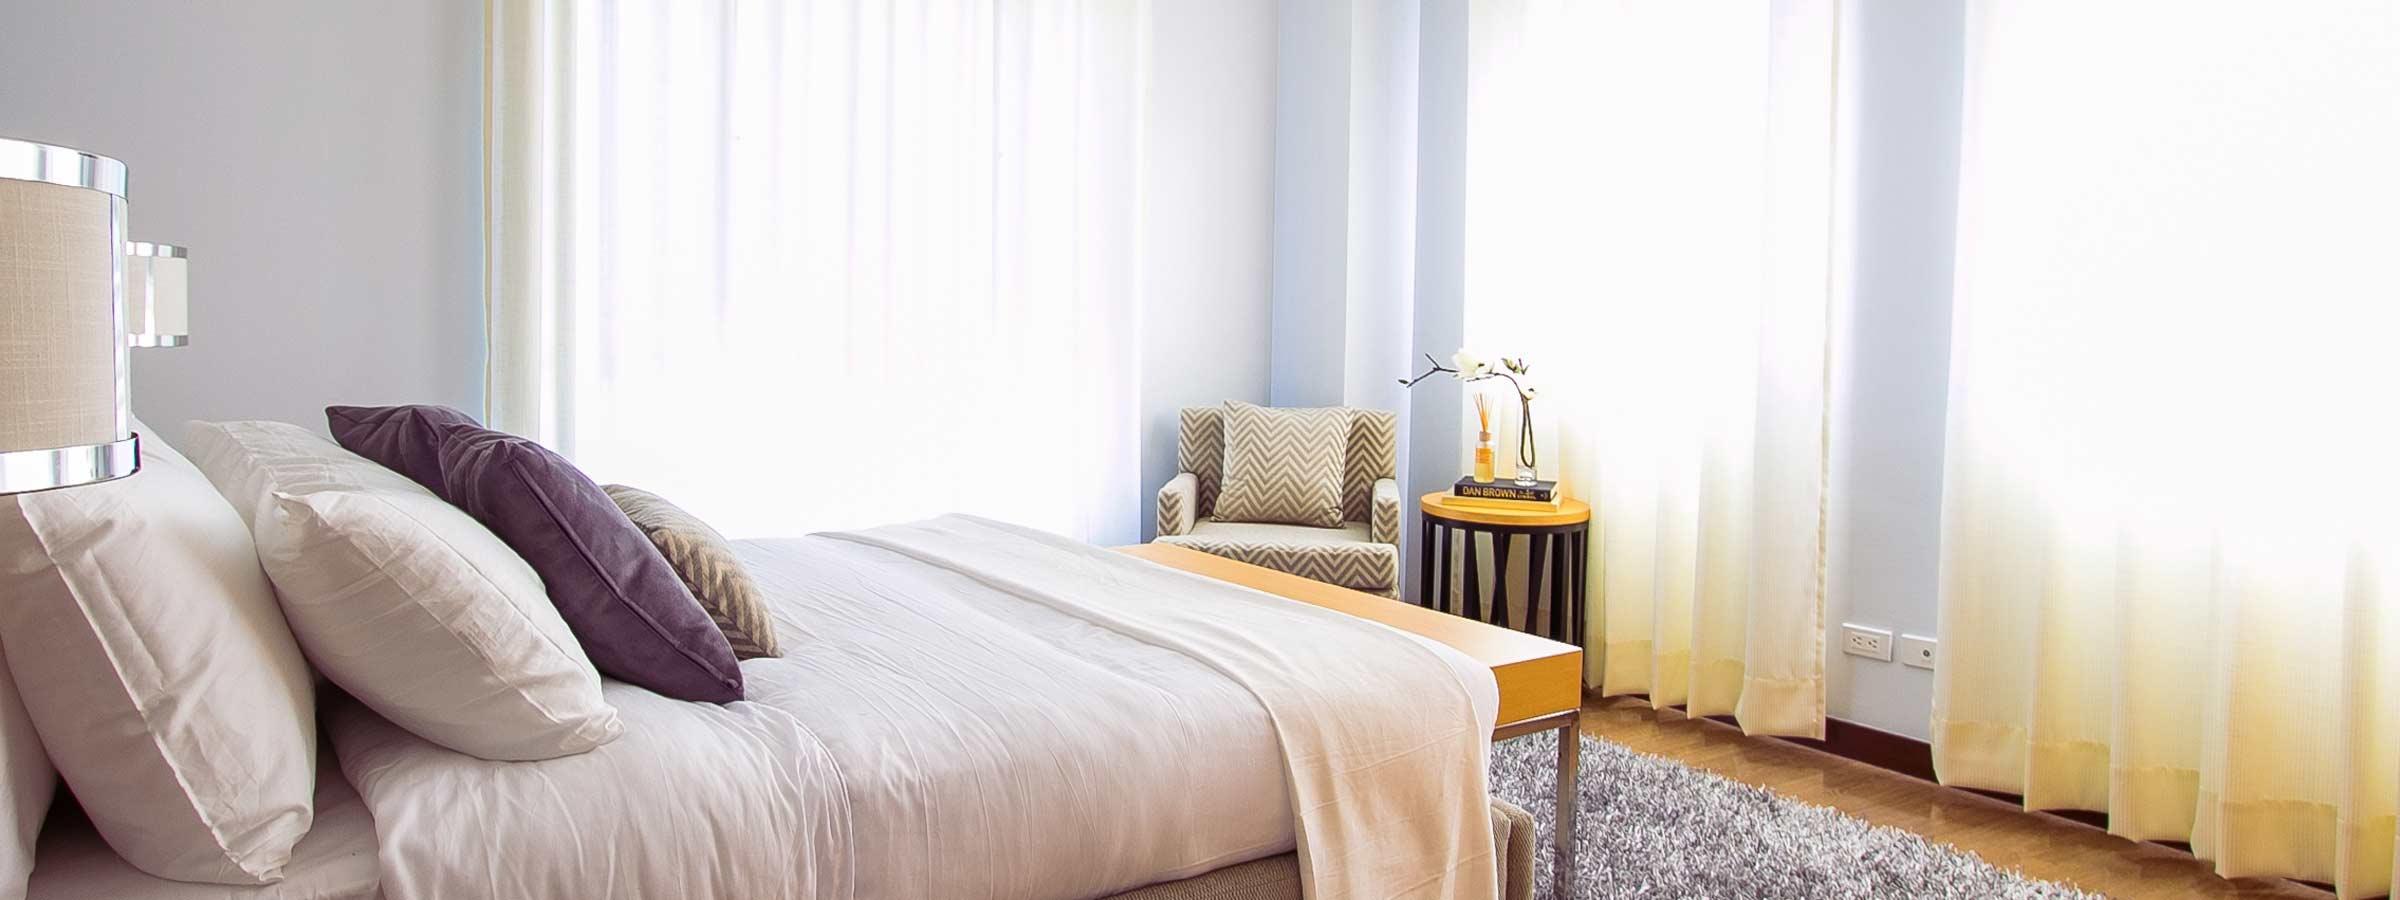 Camera da letto con matrimoniale, nell'angolo una poltroncina con tavolino e tre tende ad abbellire le pareti.